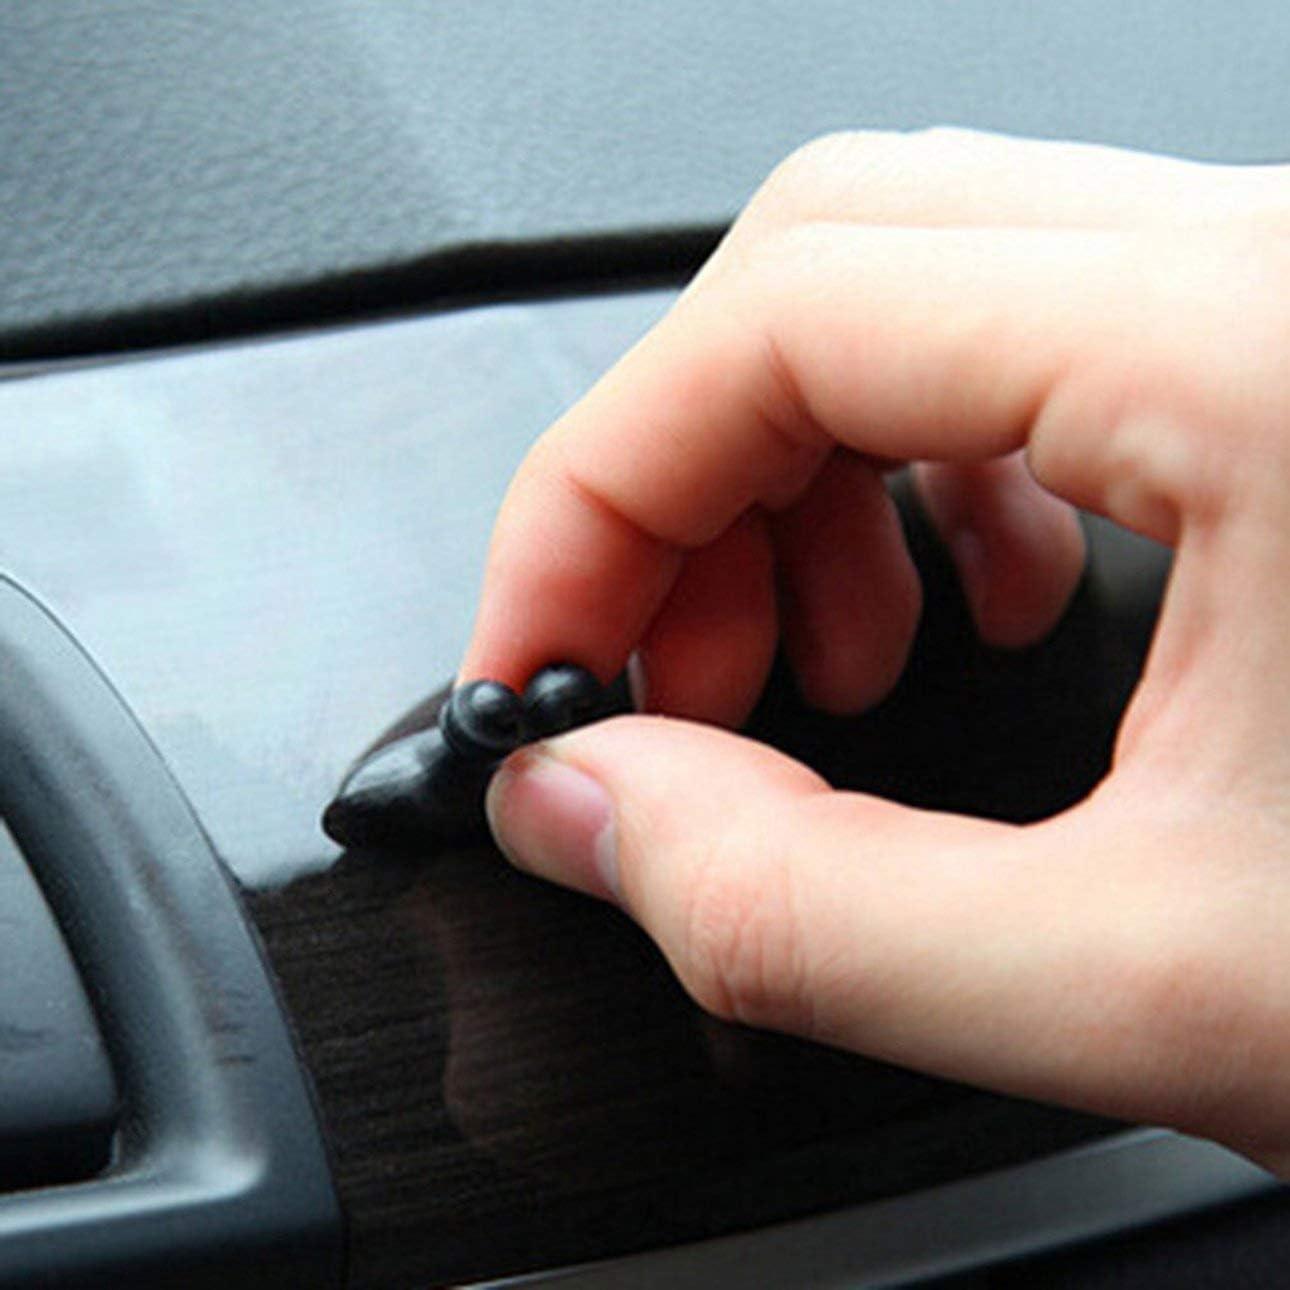 lot Clip de c/âble de Voiture c/âble USB Pince Fixe Chargeur de c/âble de Charge adh/ésif Chargeur de Voiture Ligne Fermoir c/âble USB Pince de Voiture Celerhuak 8pcs